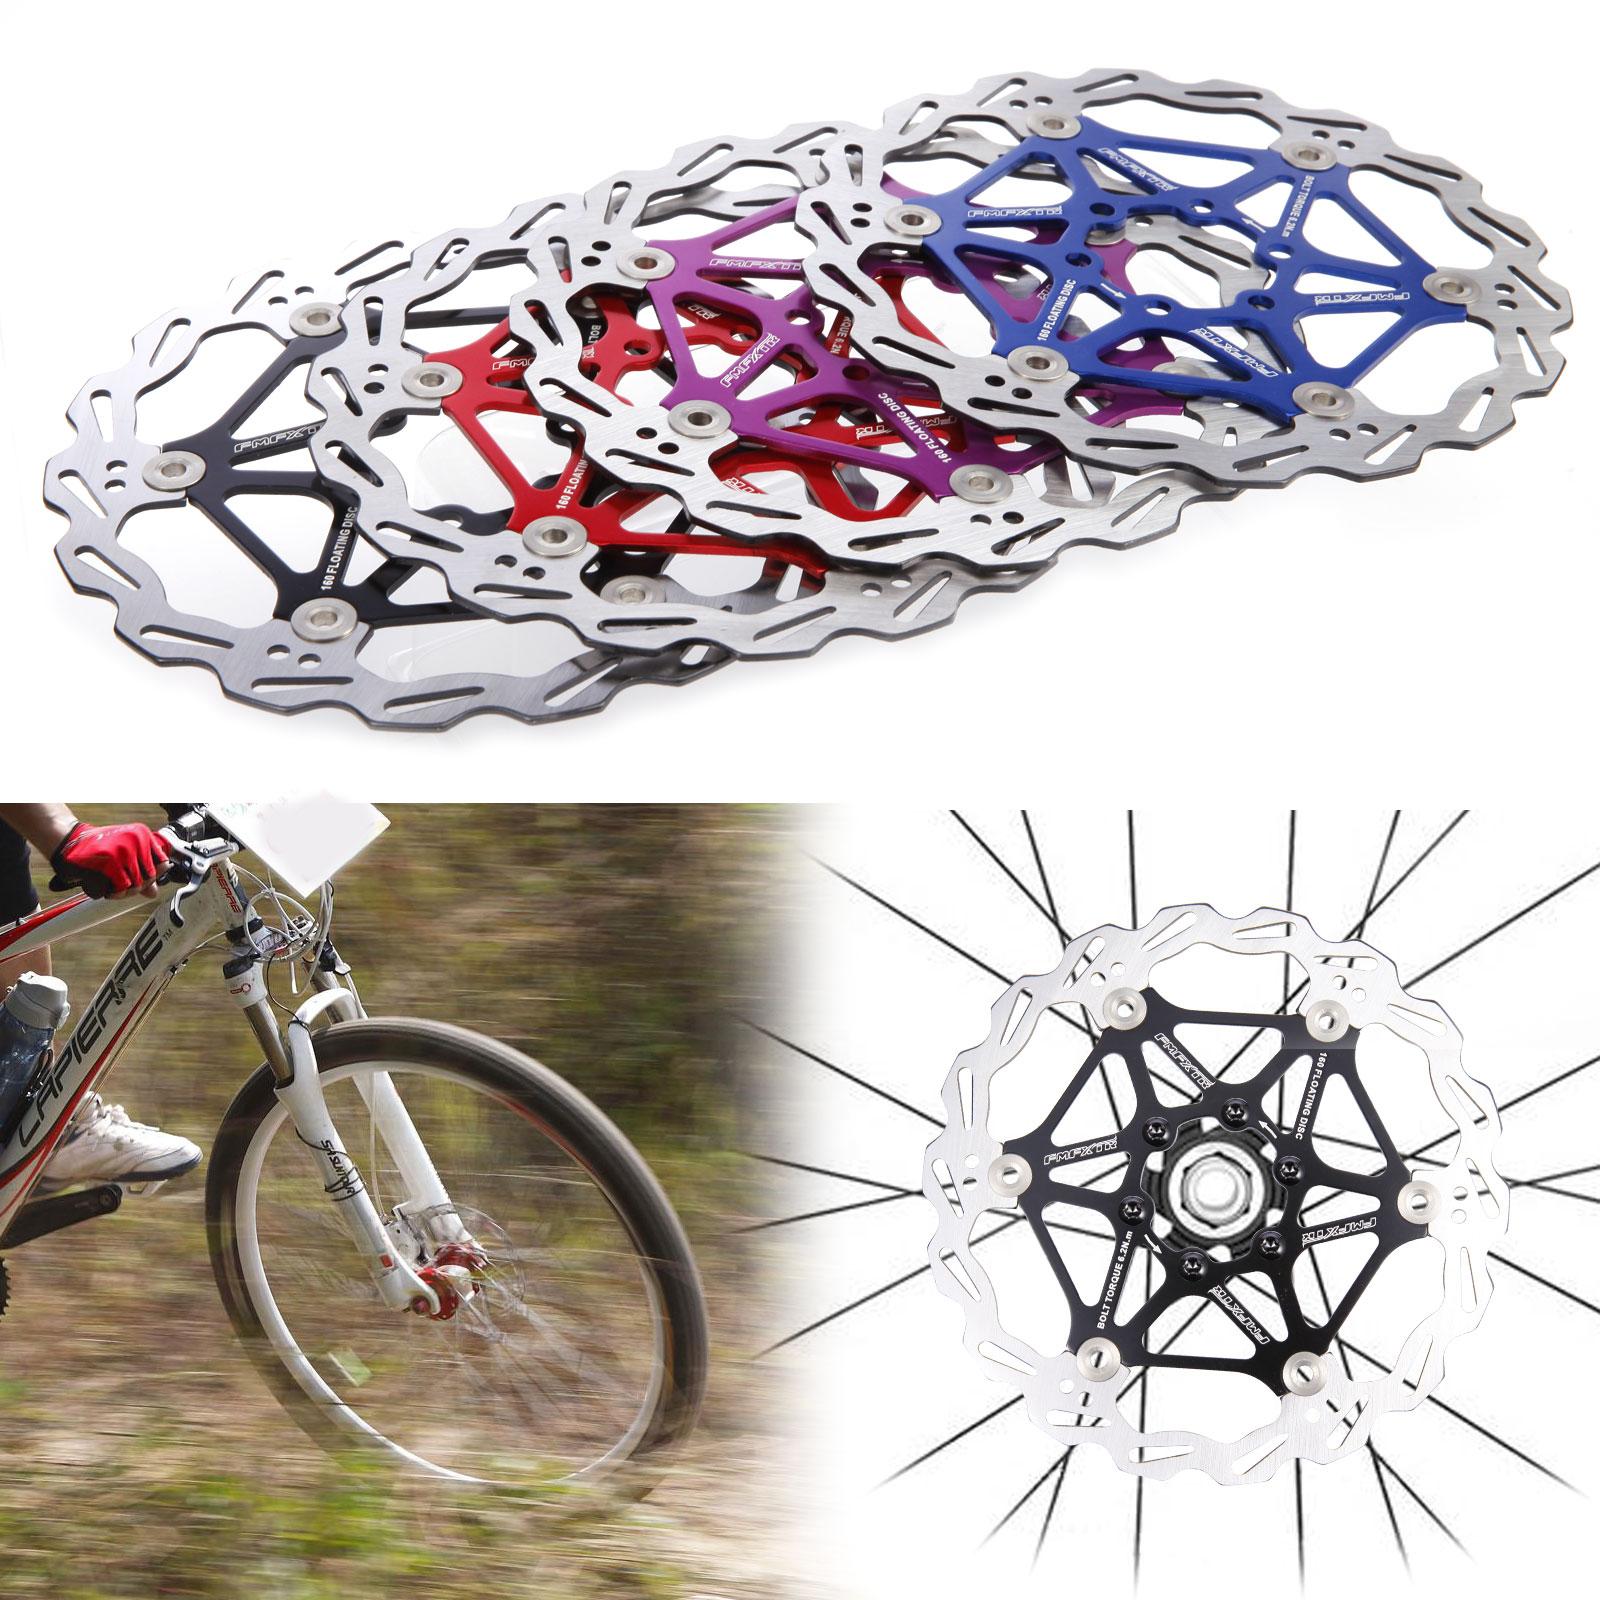 Mountain MTB Bike 160mm Floating Disc Road Bike Aluminum Brake Disc 6 Bolt Rotor